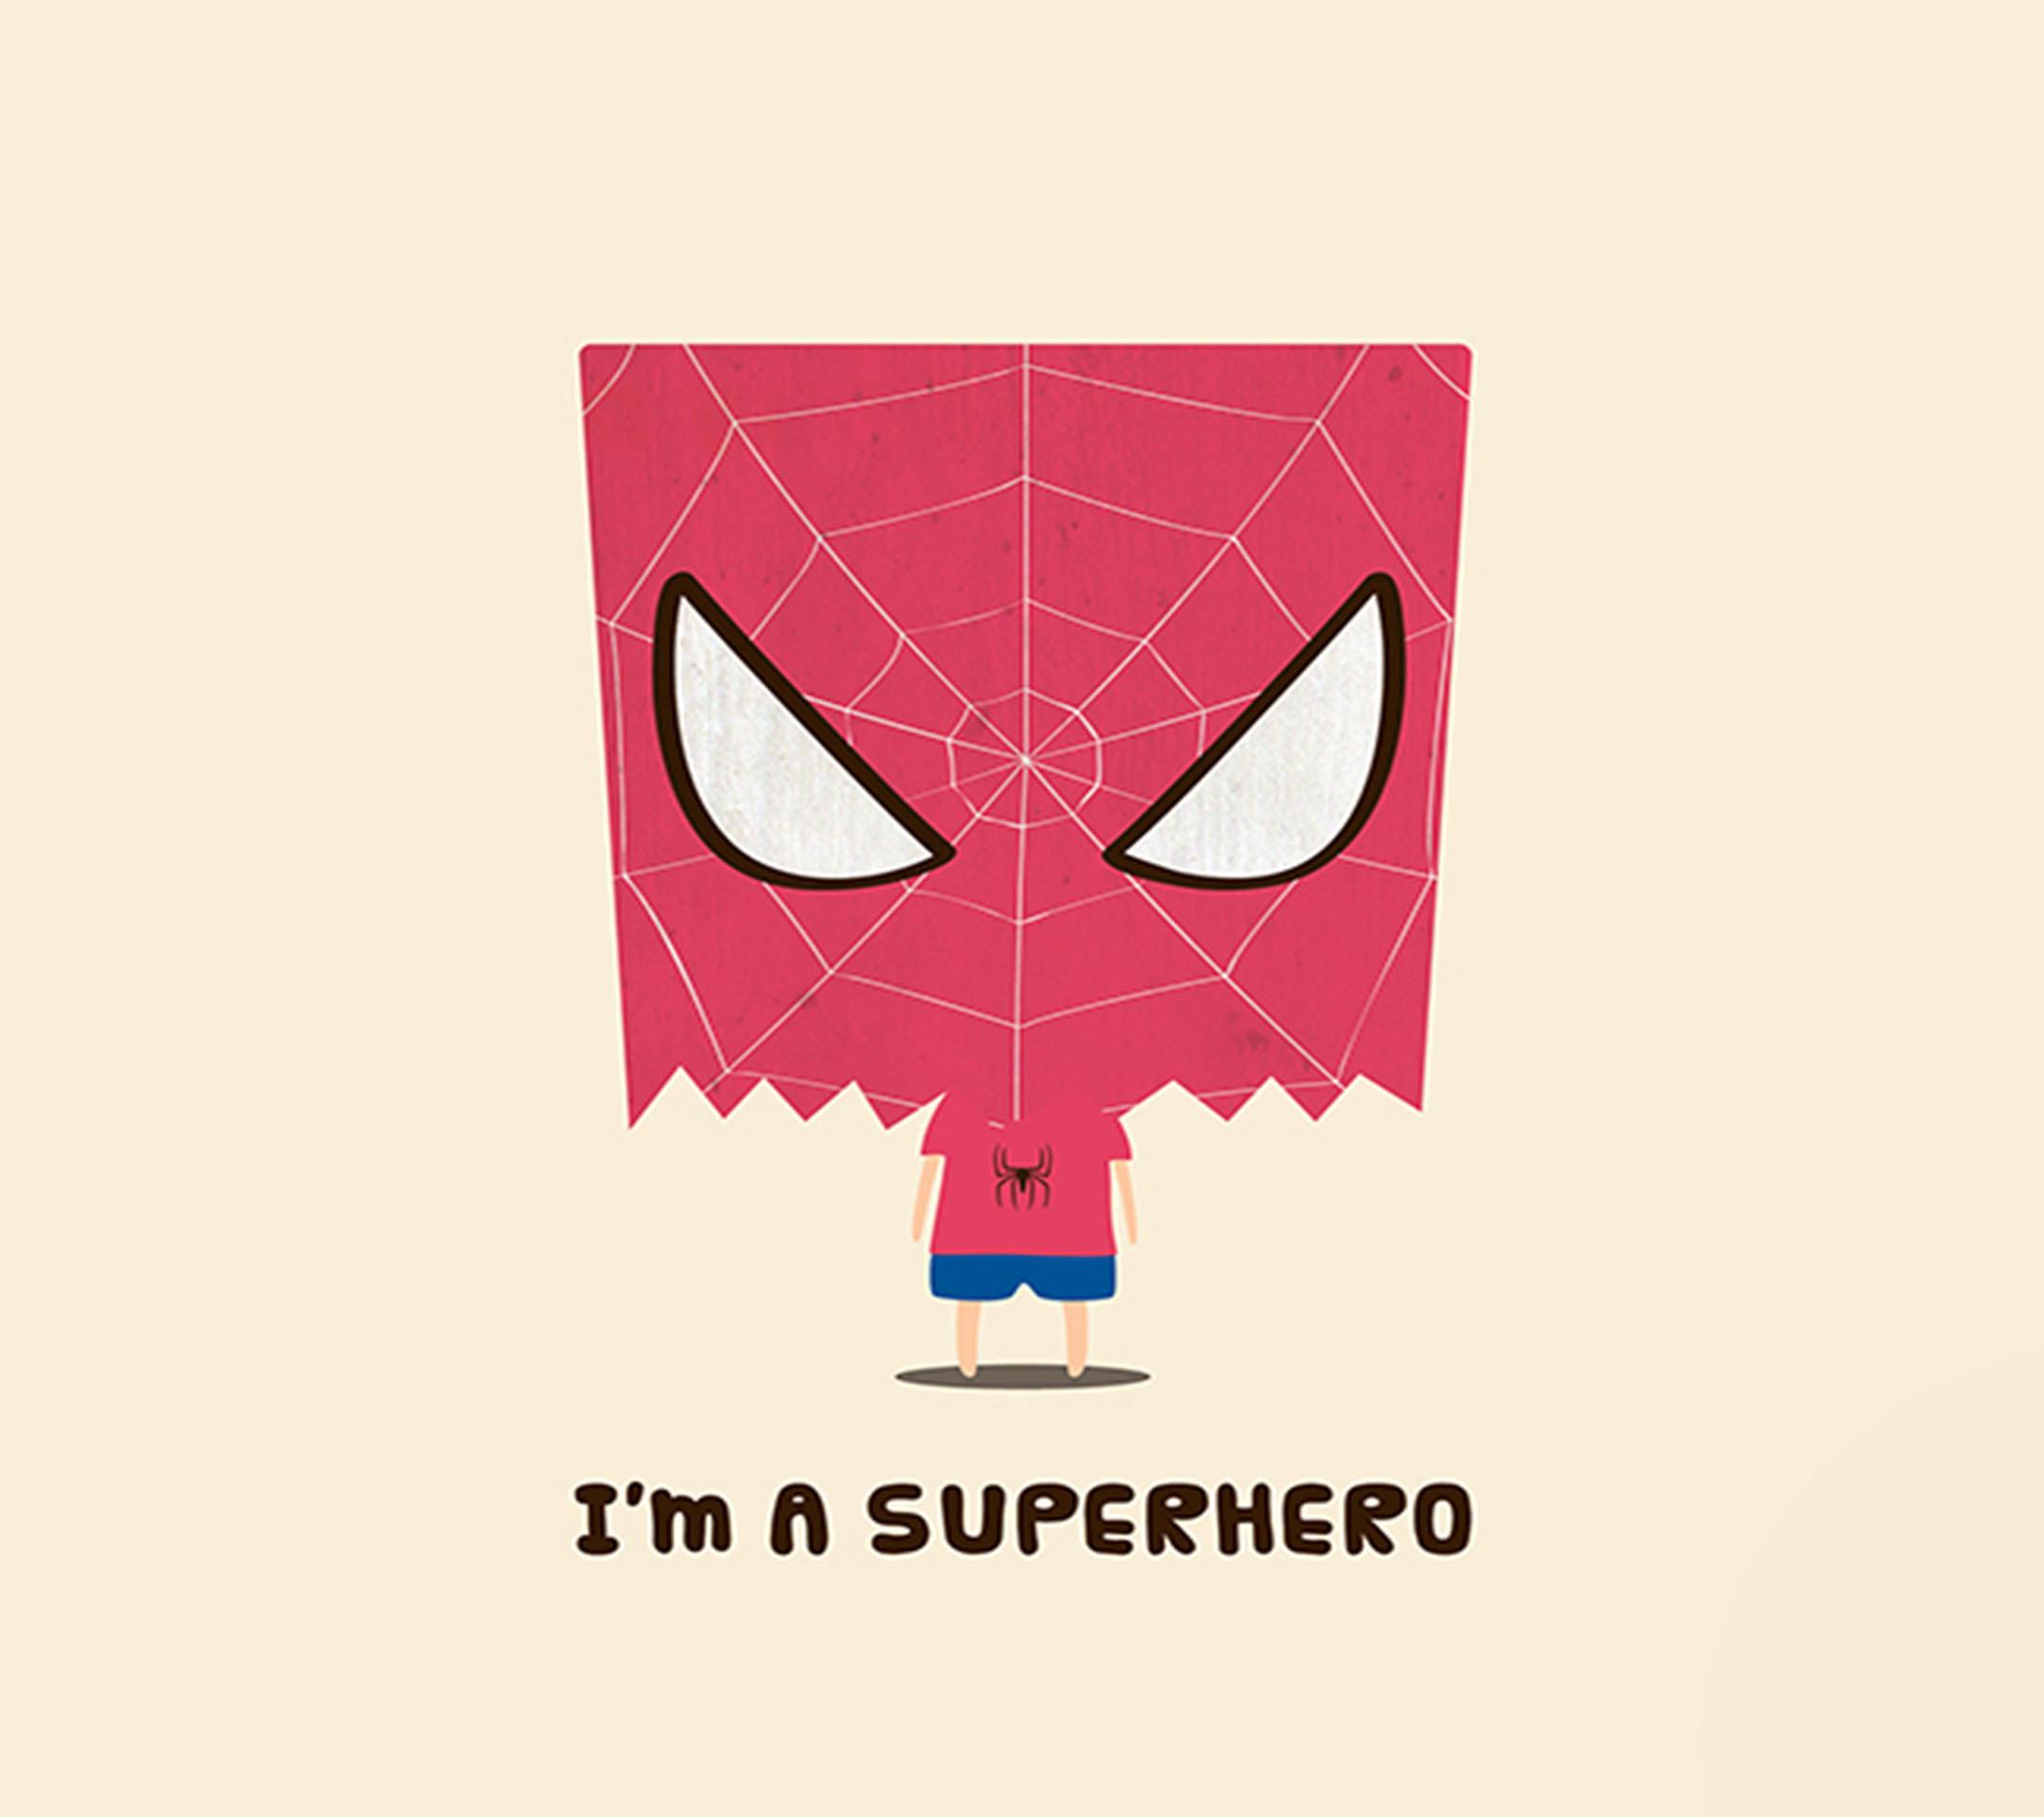 LEGO Marvel Super Heroes Wallpaper Or Background 03